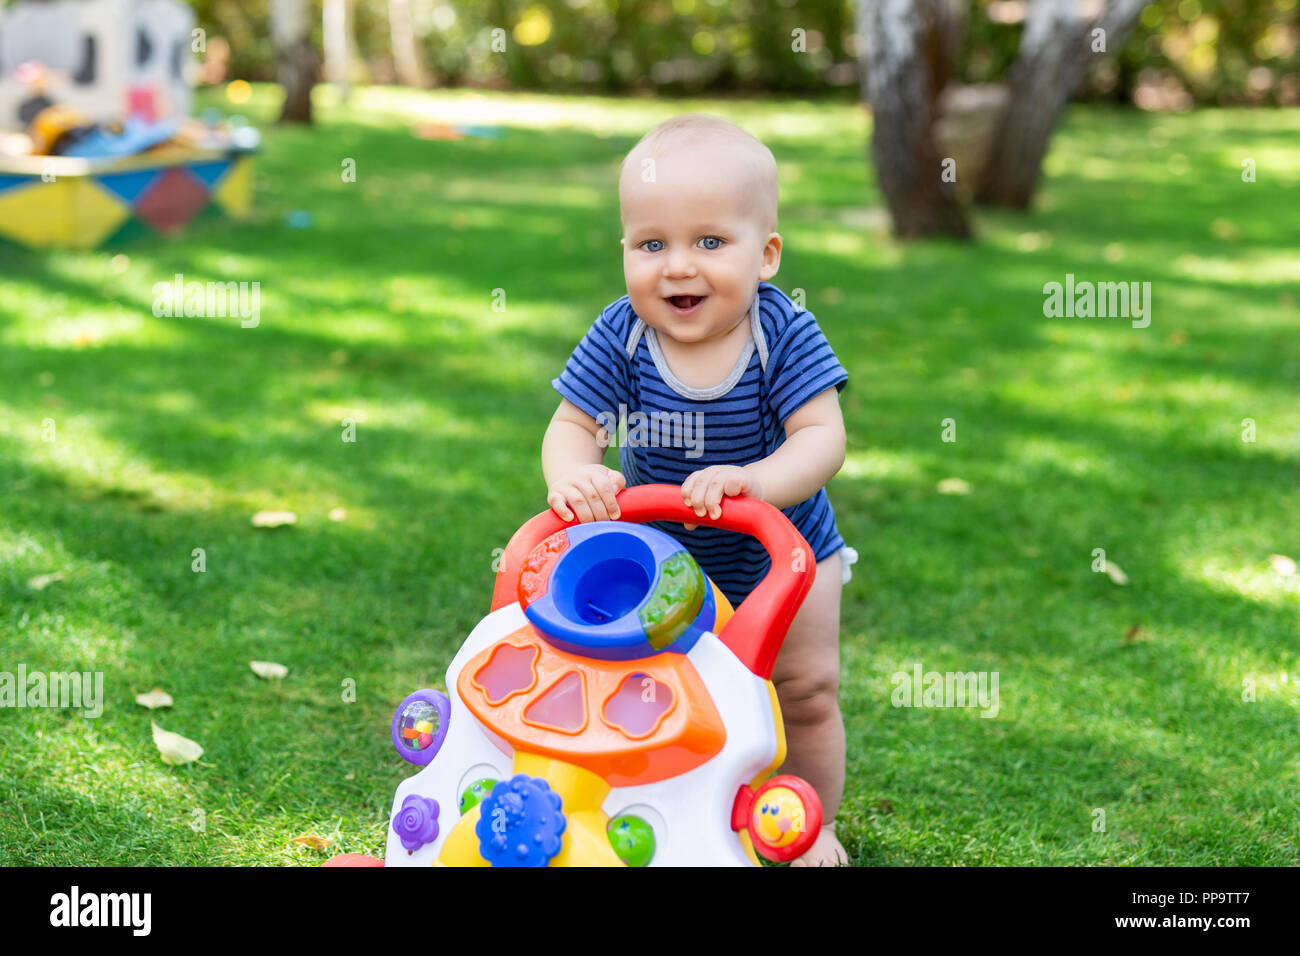 Cute little boy aprendendo a andar com andador brinquedo na grama verde gramado no quintal. Bebê rindo e se divertindo fazendo o primeiro passo no parque no dia ensolarado brilhante no exterior. Conceito de infância feliz Imagens de Stock